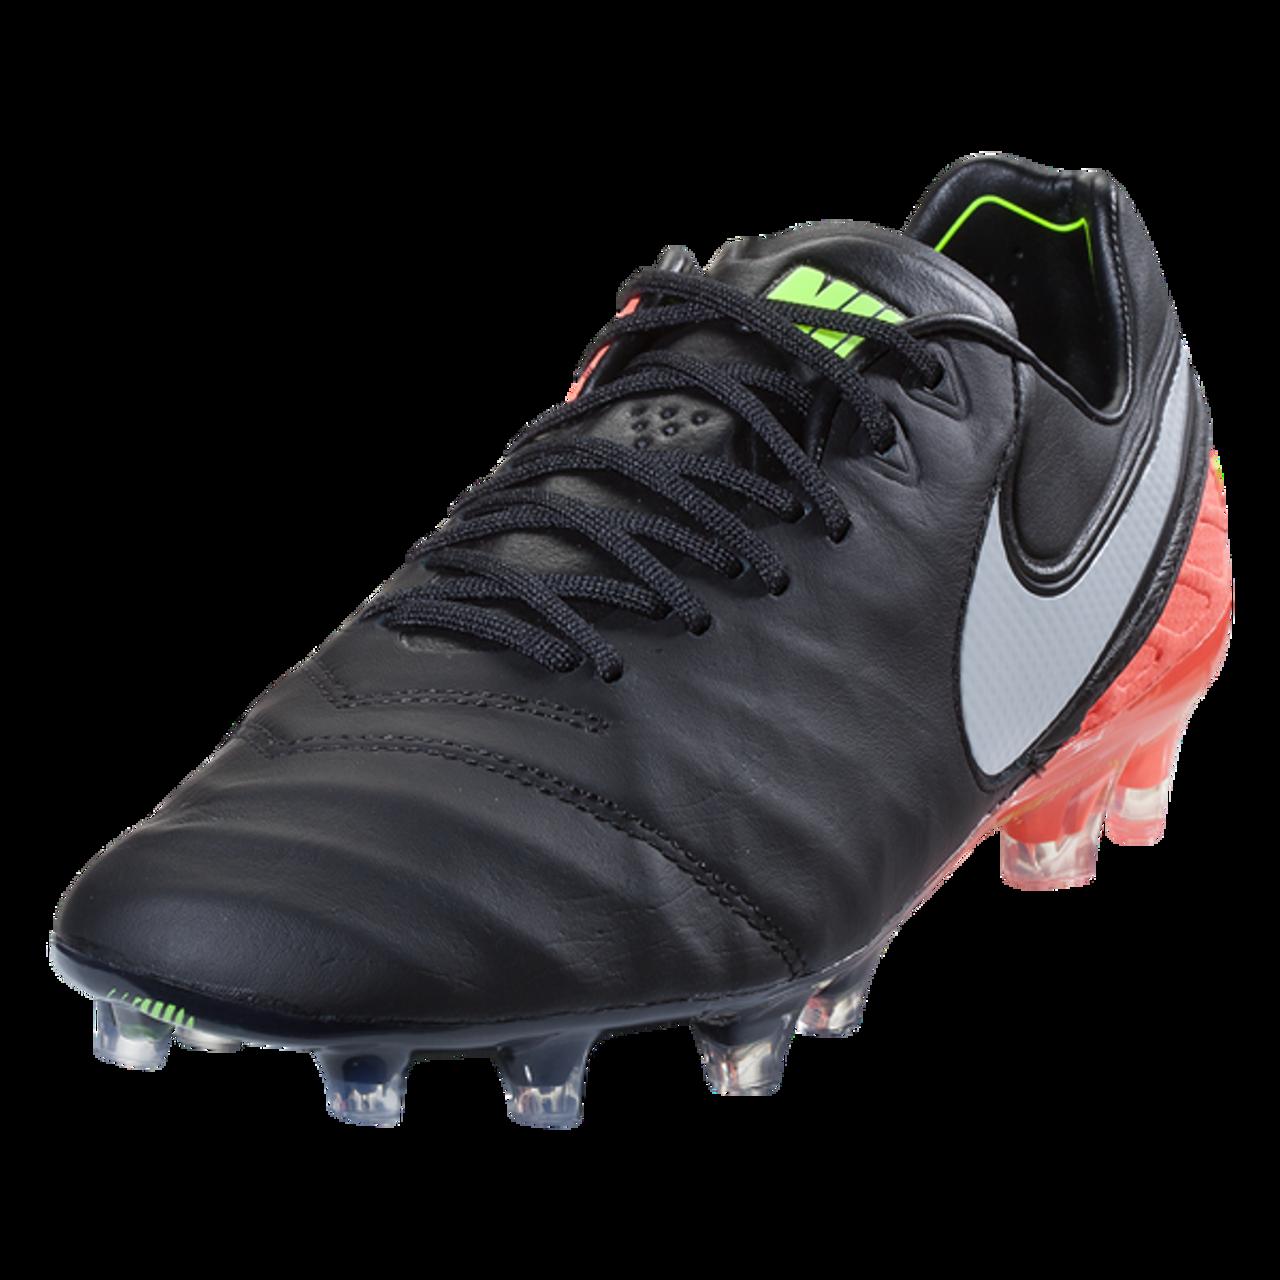 info for 0c745 00f9a Nike Tiempo Legend VI FG - Black White Hyper Orange Volt (112917) - ohp  soccer